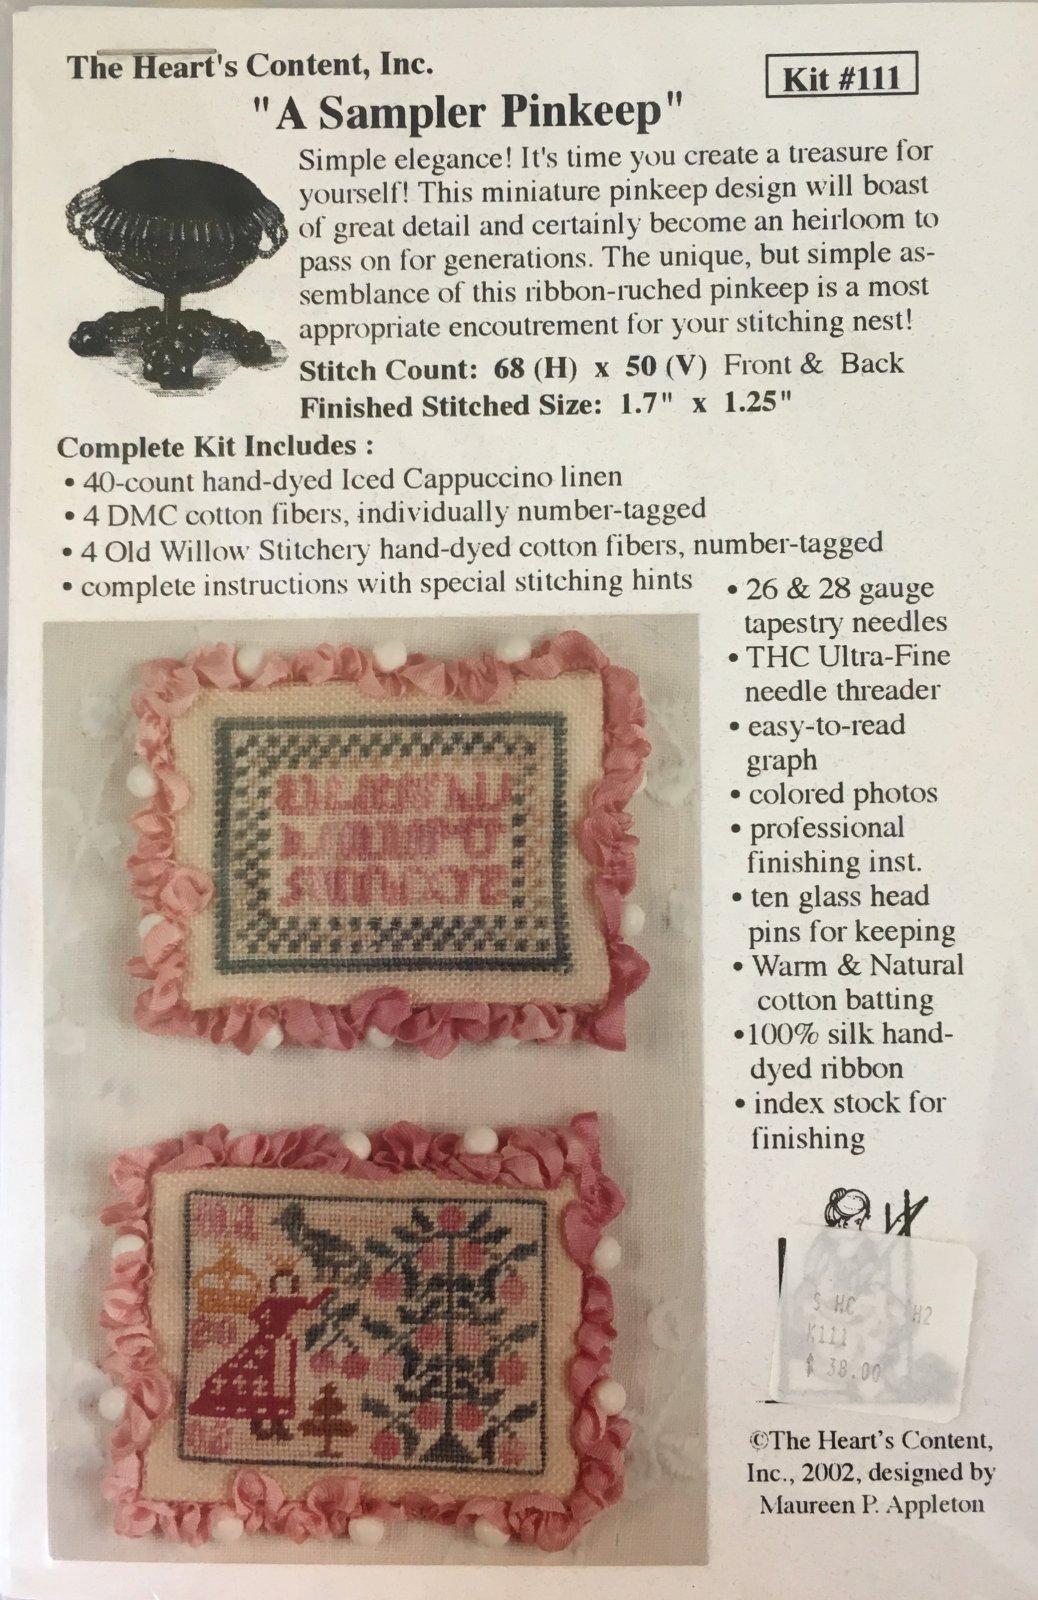 A Sampler Pinkeep Kit